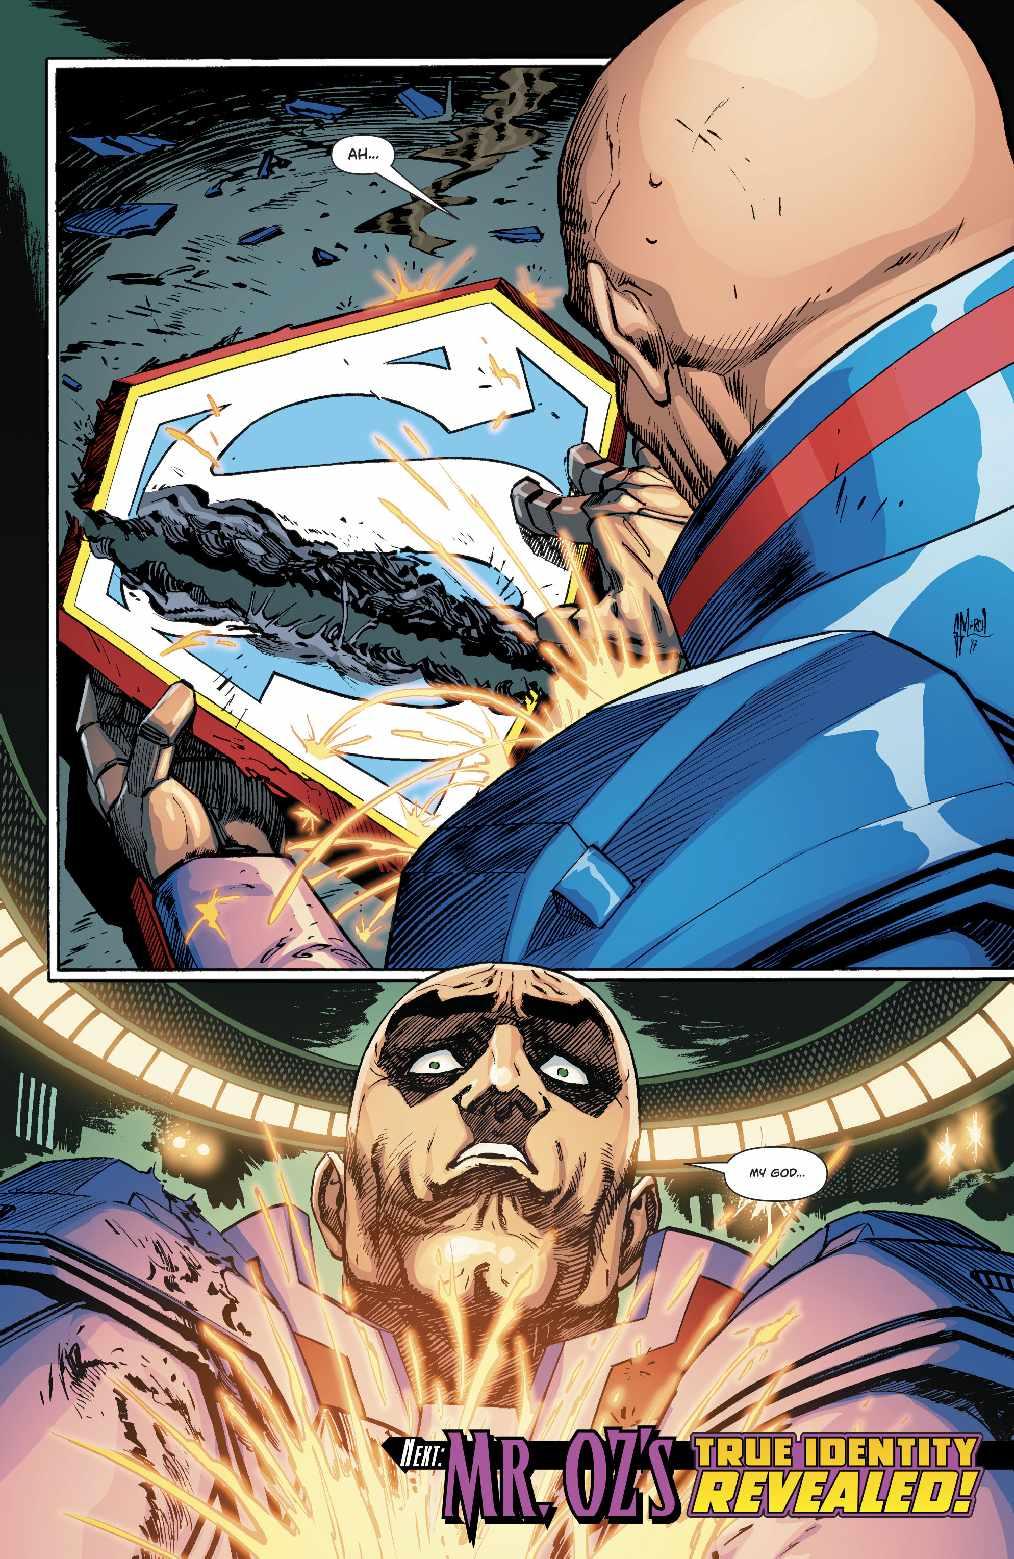 xman comic book tv tropes - HD1014×1559